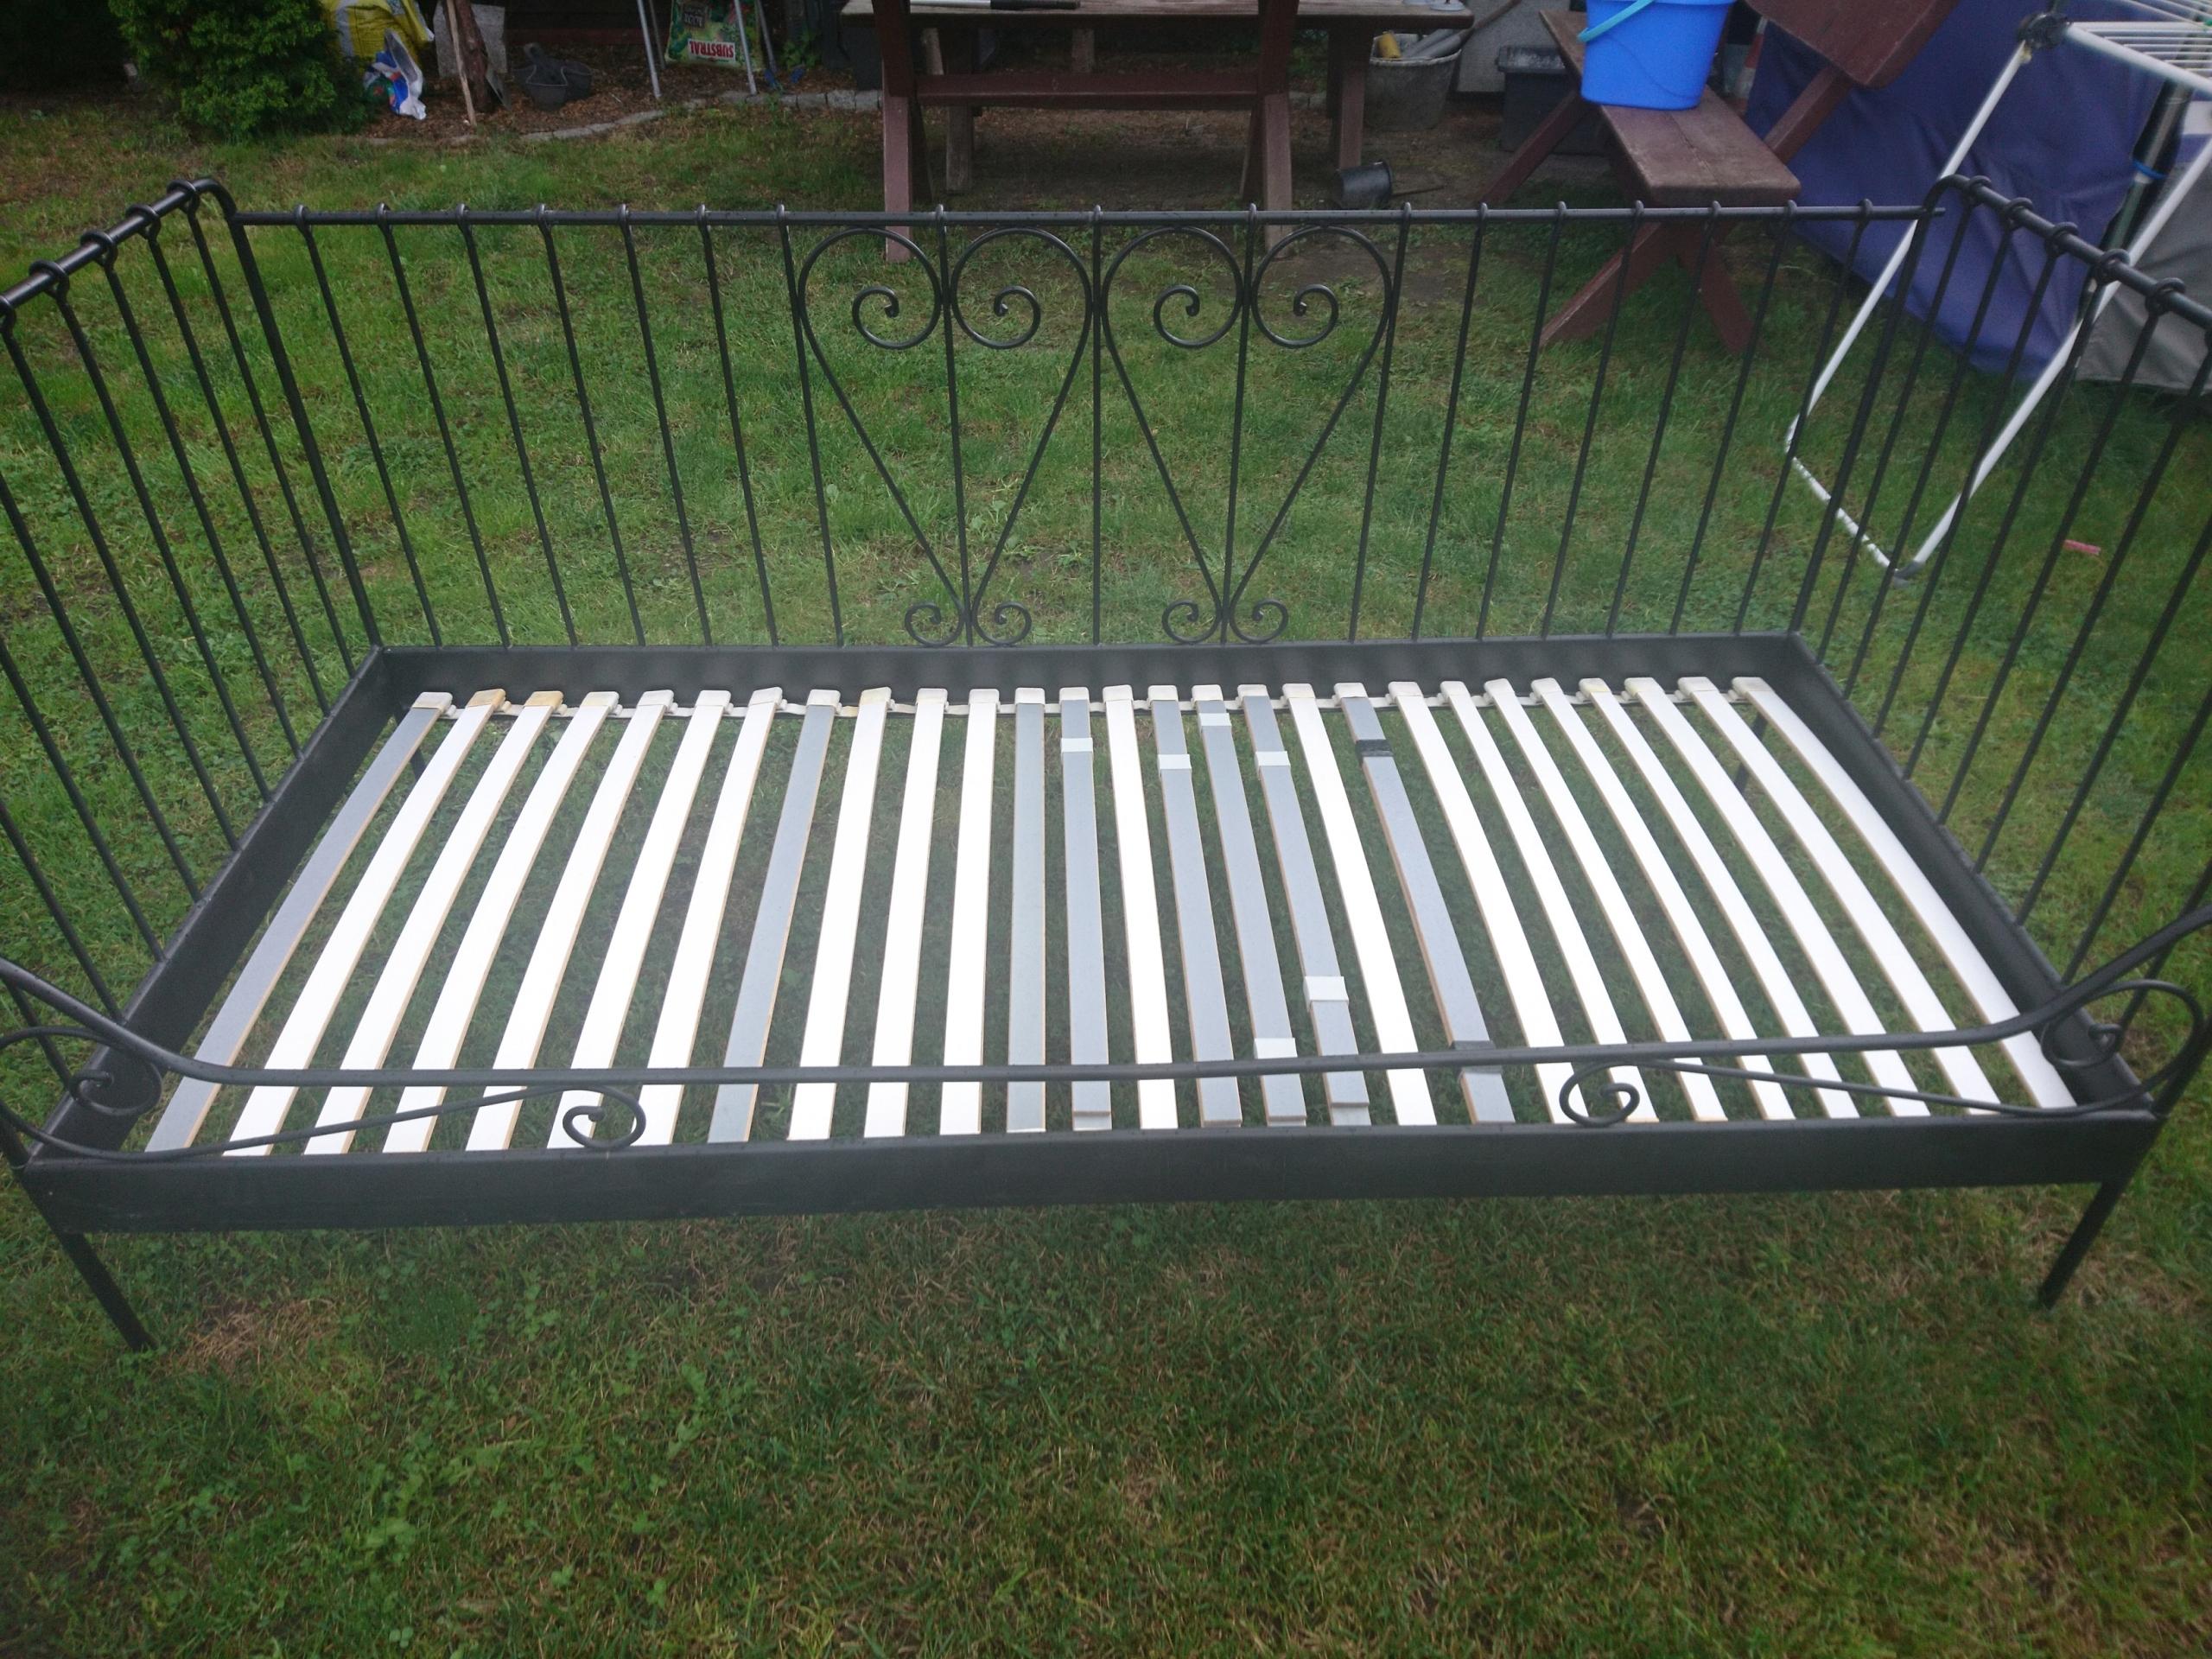 Ikea łóżko Metalowe Drewniany Stelaż Okazja